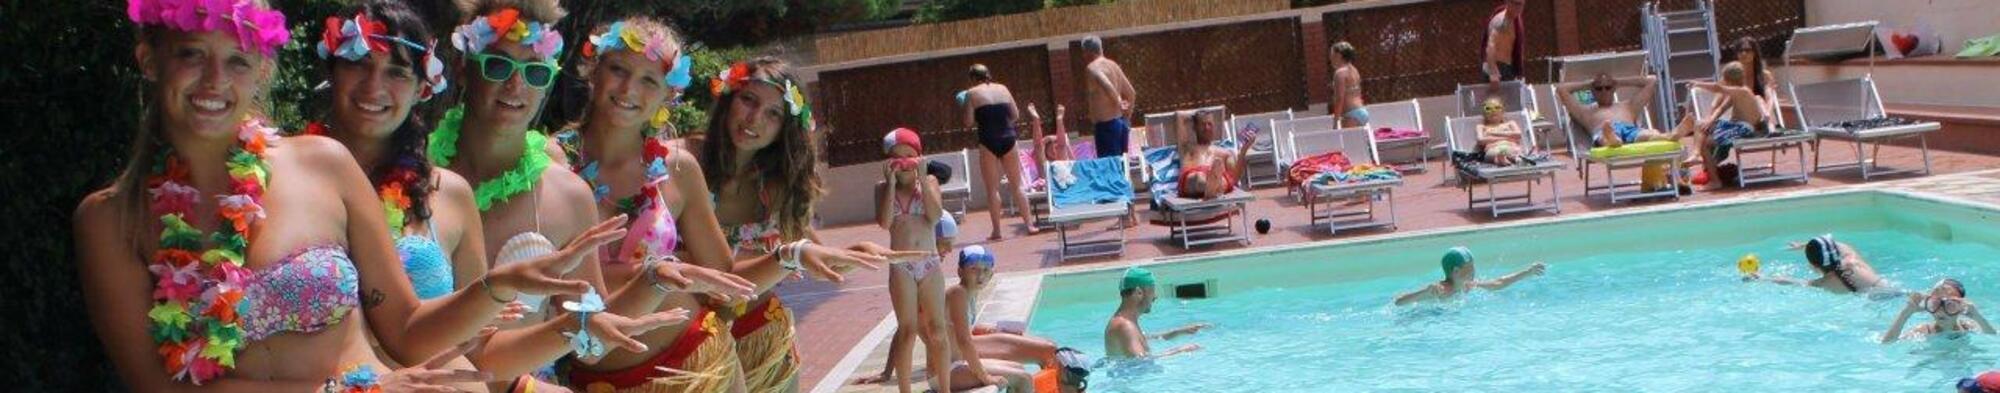 Specjalne 15% zniżki na kemping w Pietra Ligure z basenem w otoczeniu przyrody